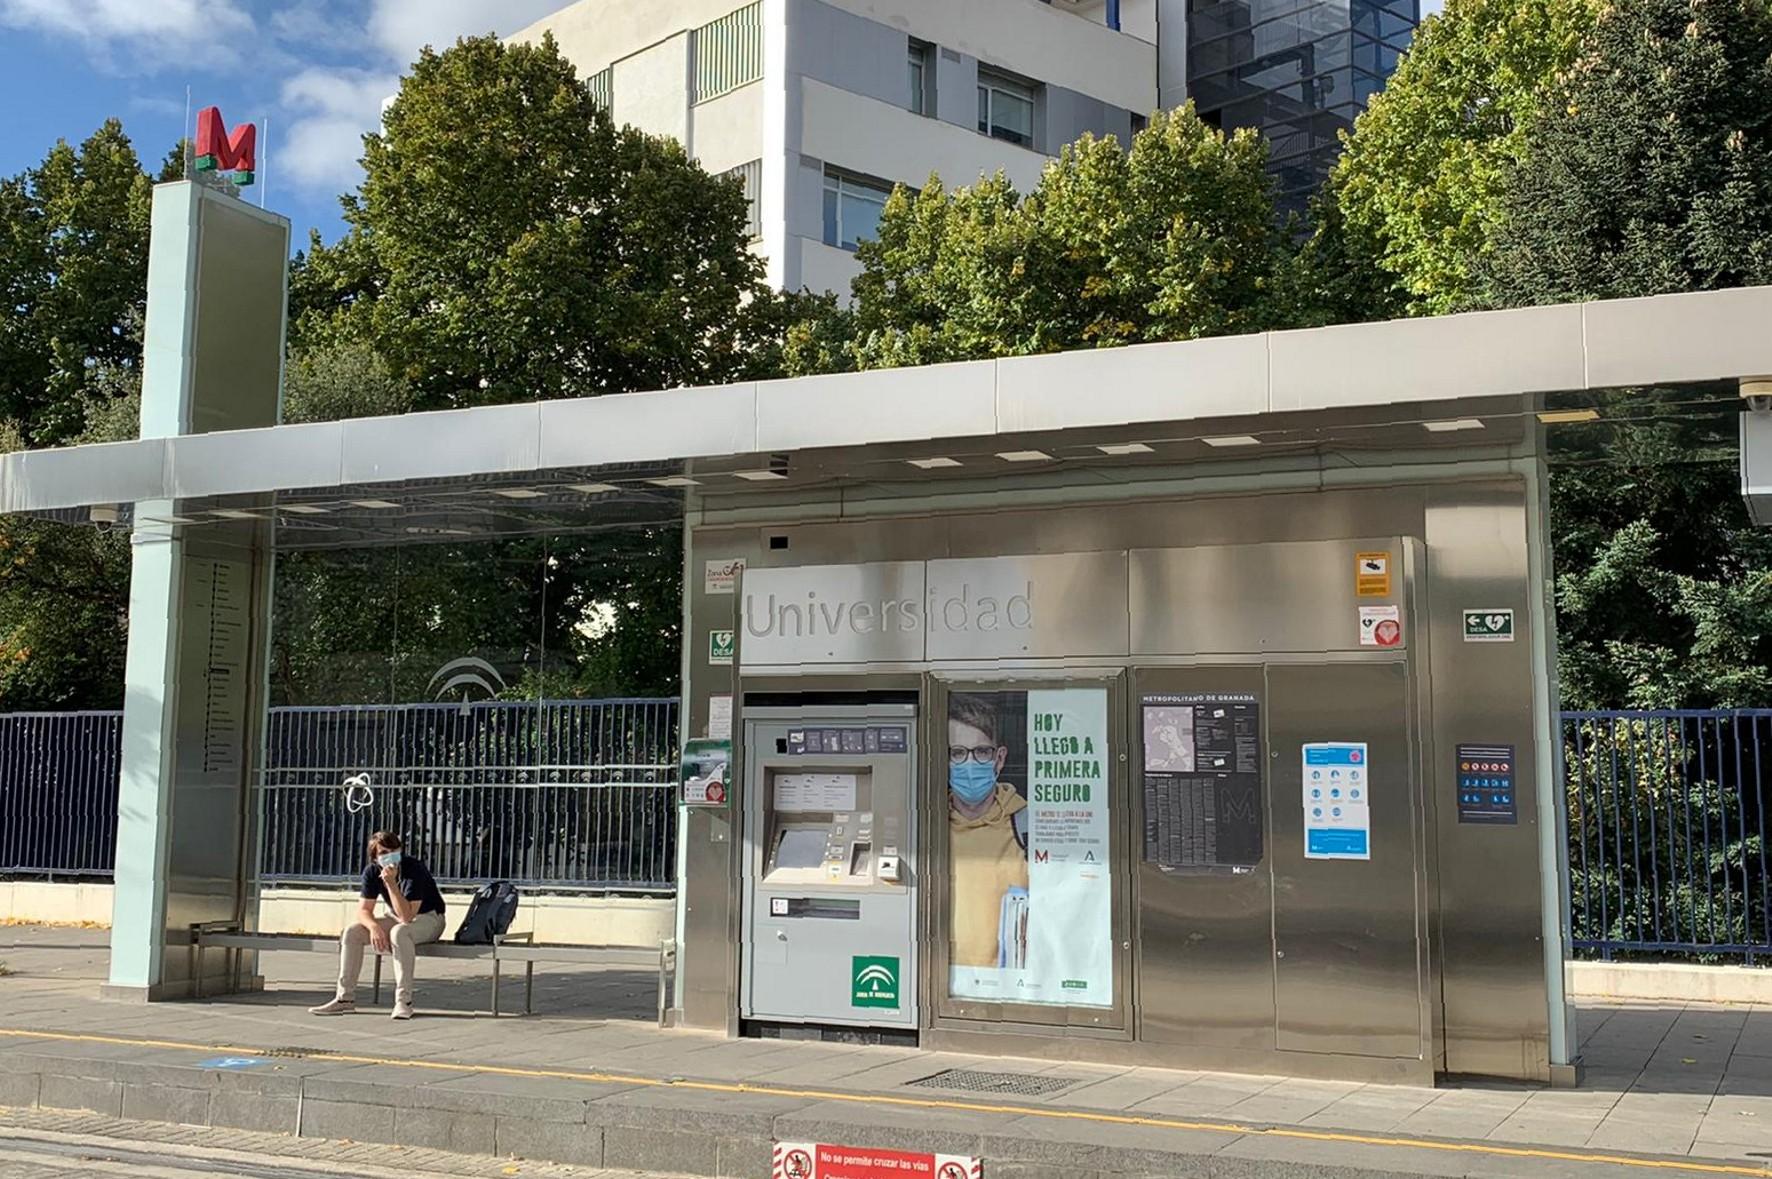 Una de las marquesinas de la parada Universidad durante la presentación de la campaña publicitaria destinada a promover el uso del metro entre universitarios